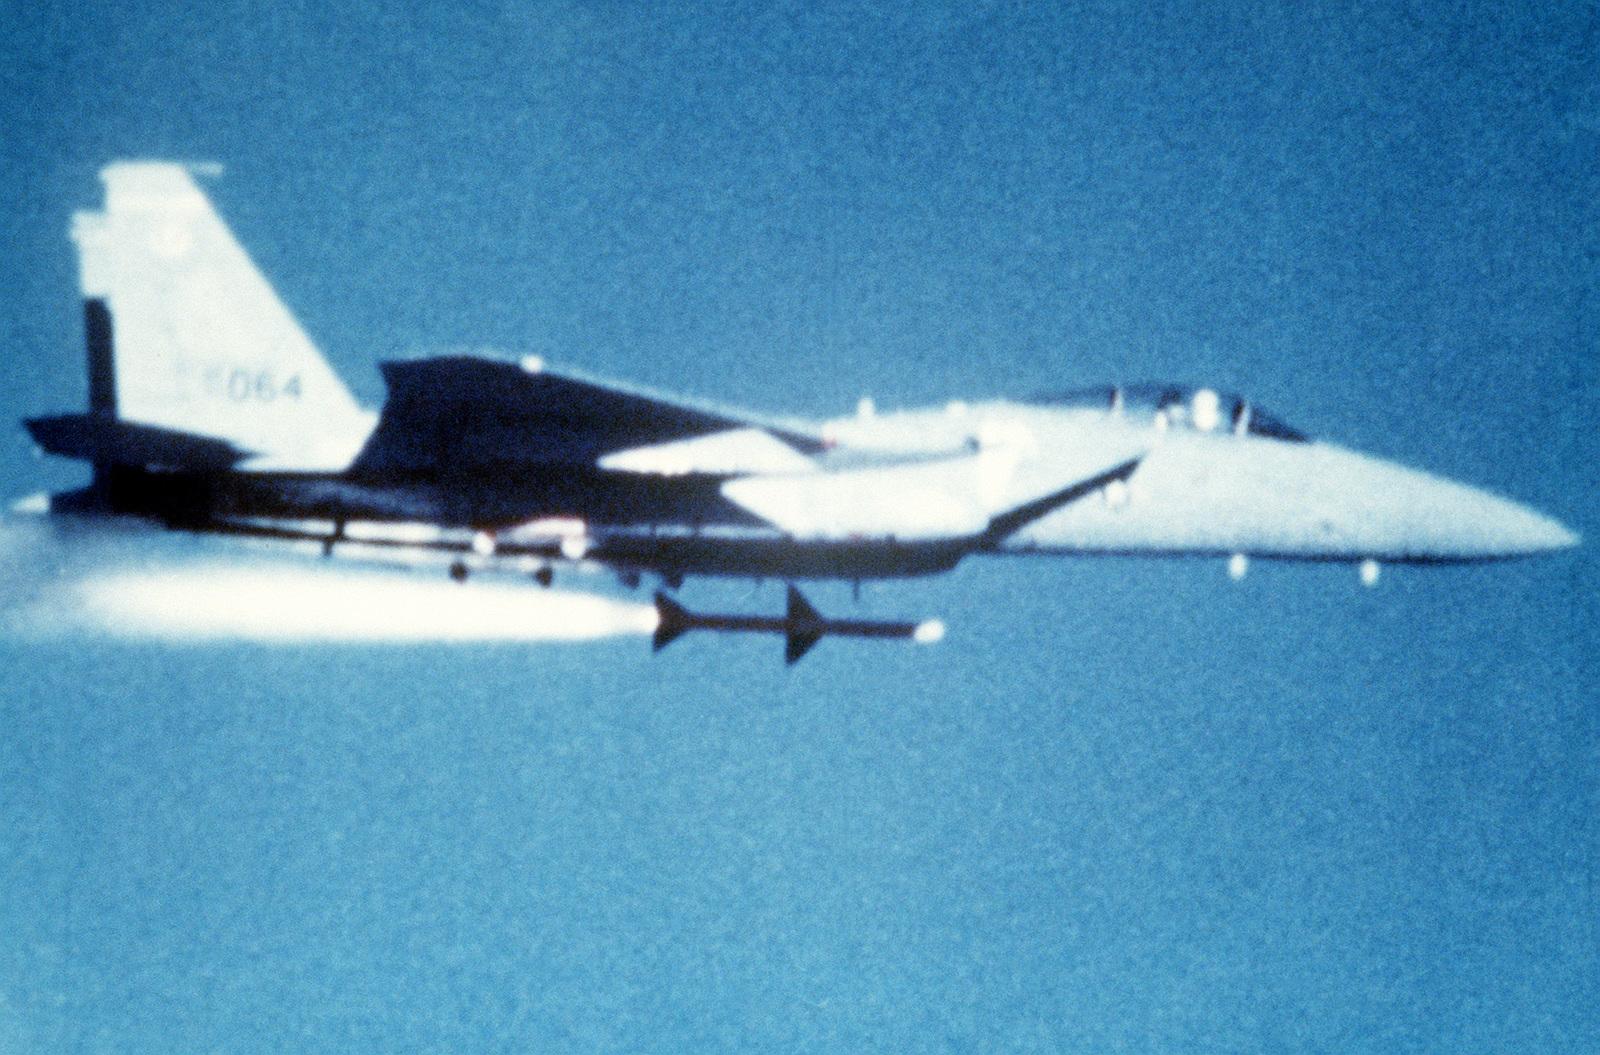 AN air-to-air right side view of an F-15 Eagle aircraft firing an AIM-7 Sparrow missile